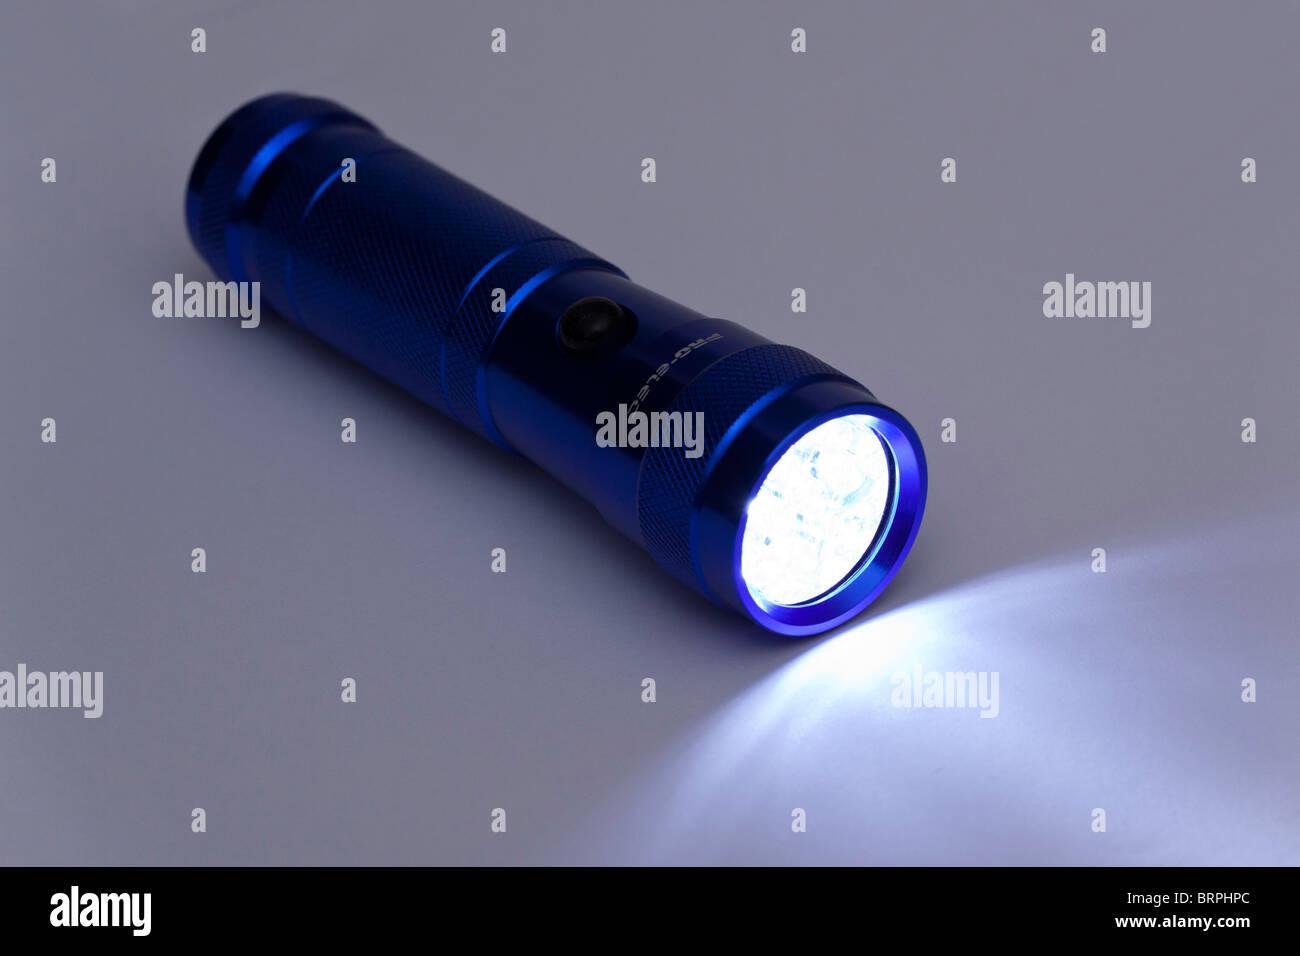 / Torche Lampe de poche avec LED blanches Photo Stock